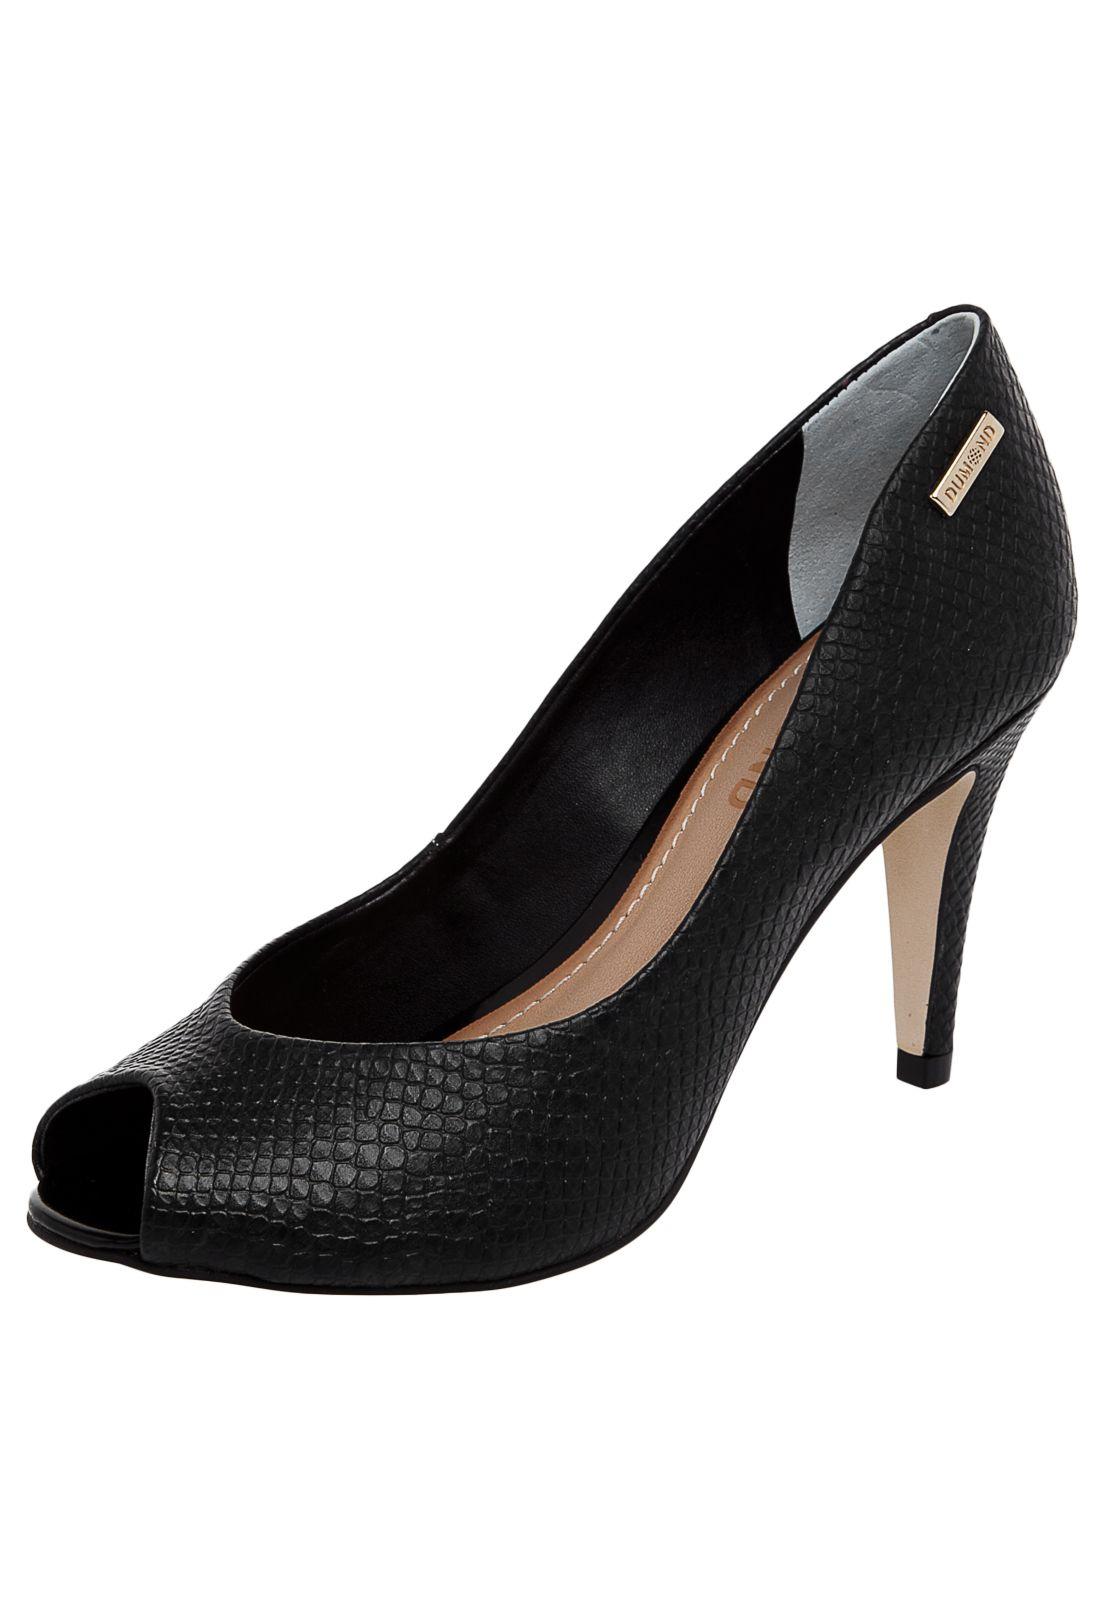 c4fb3f374 Peep Toe Dumond Preto - Compre Agora | Dafiti Brasil Peep Toe, 35, Shoes